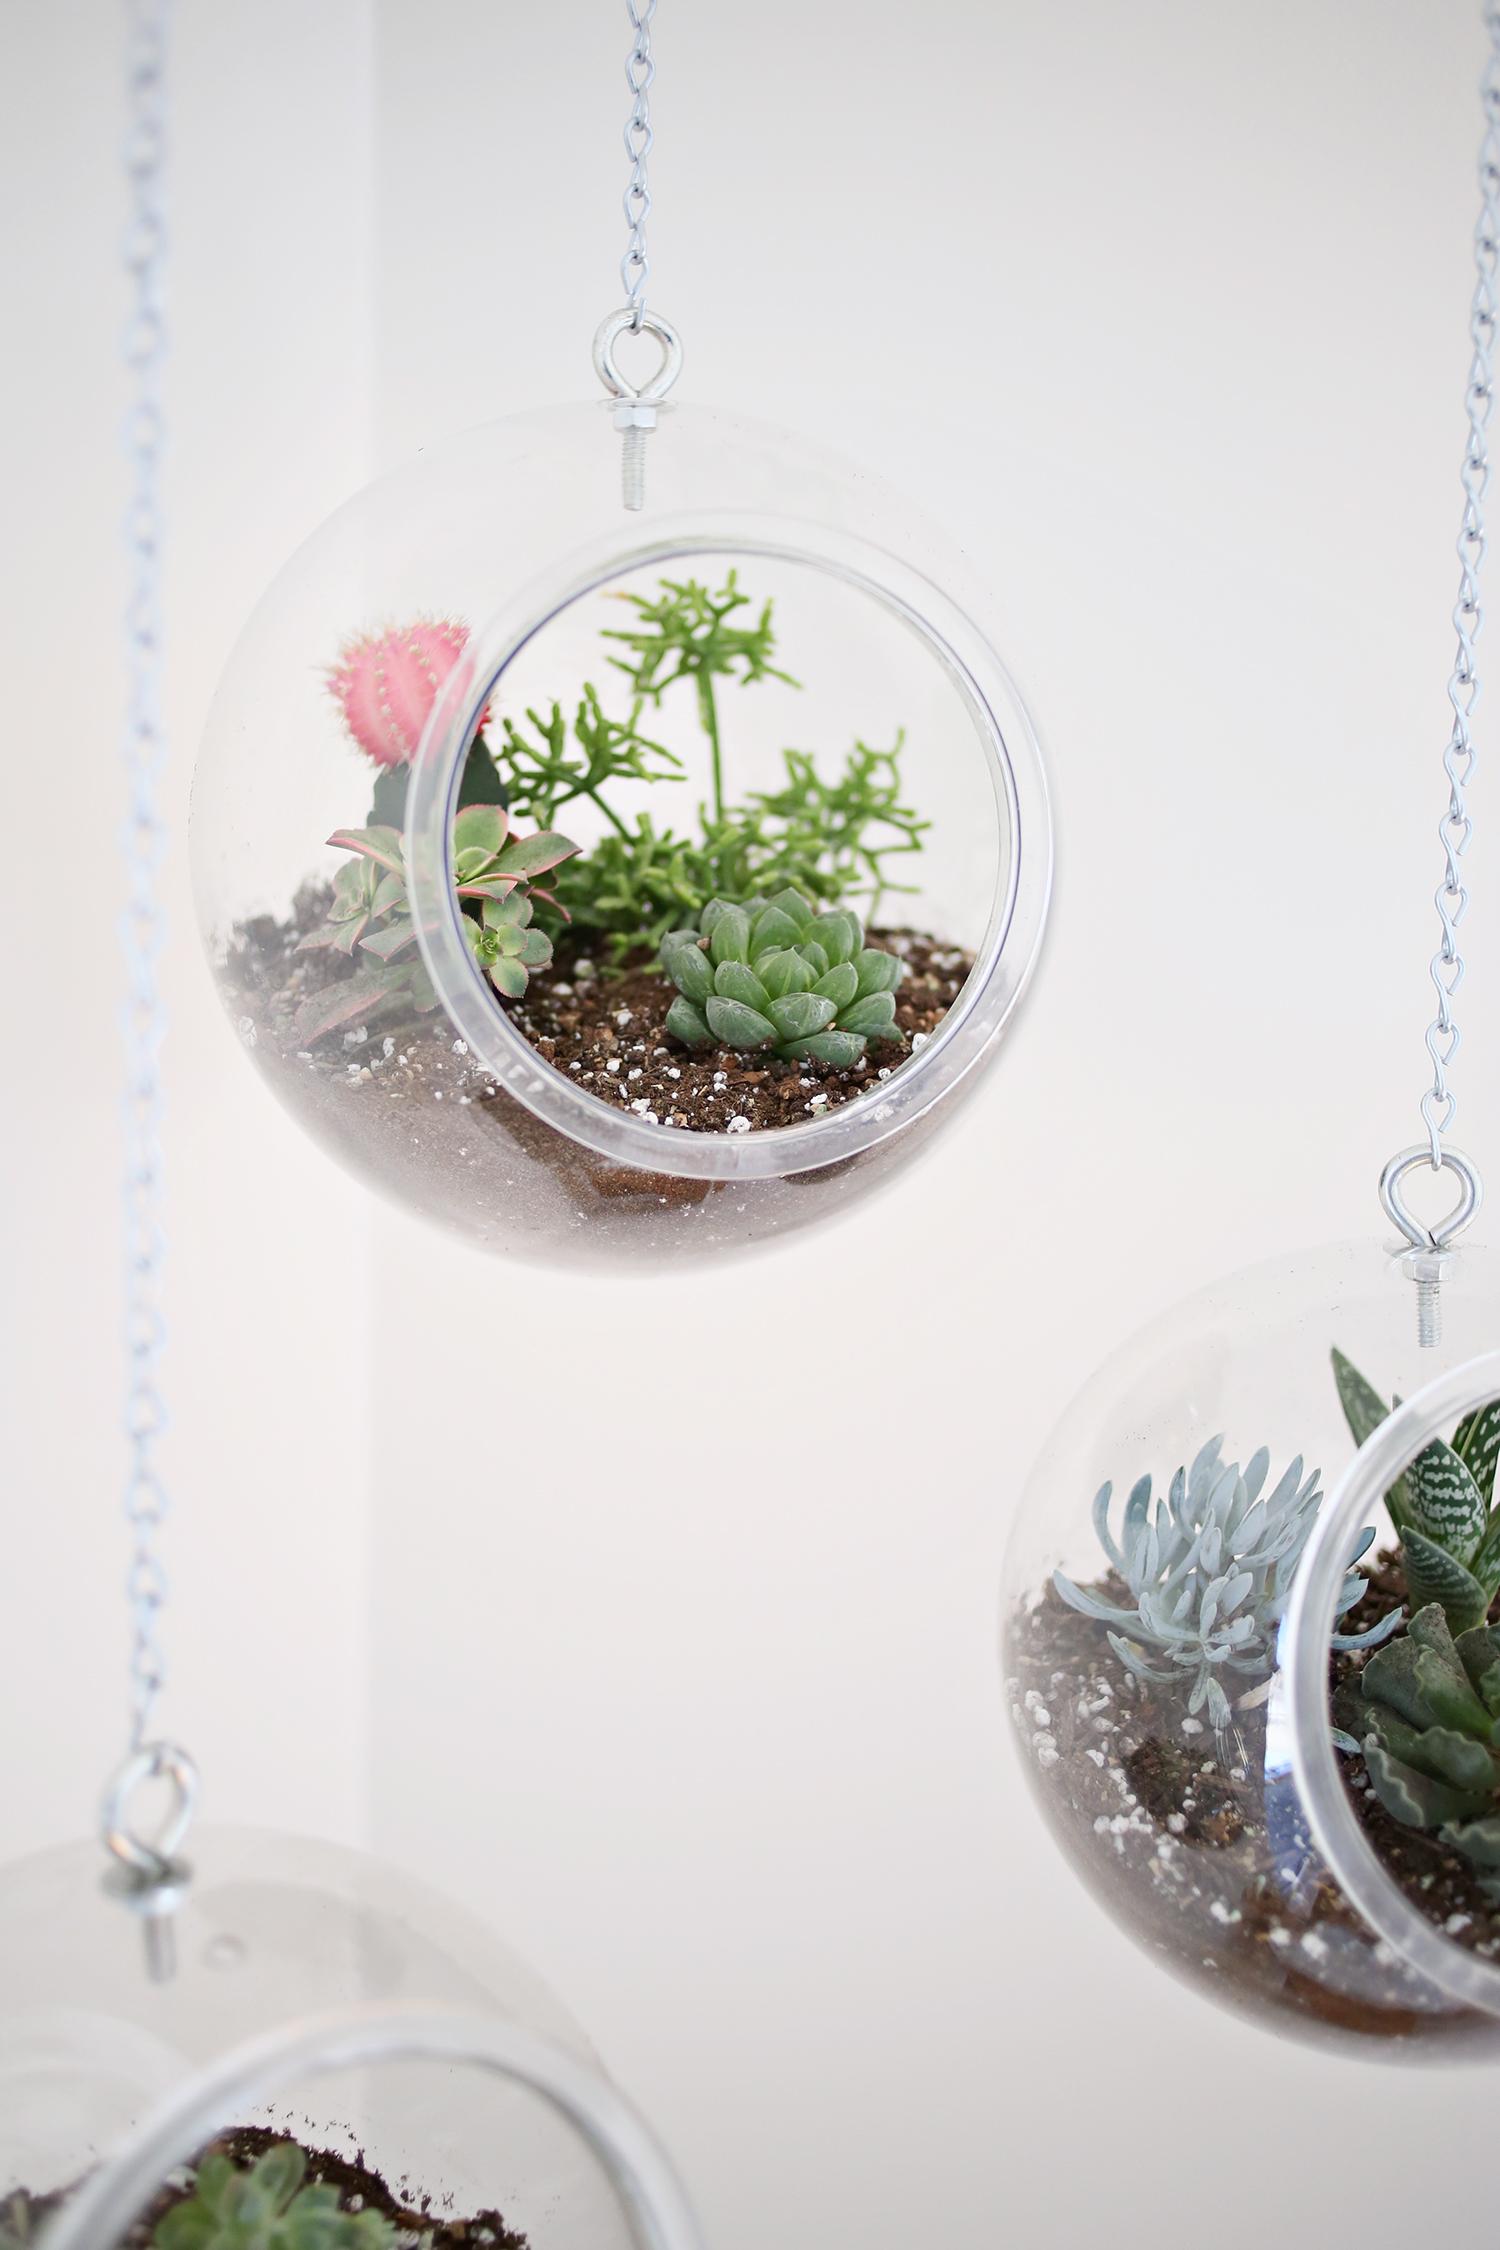 Fishbowl Hanging Planter DIY abeautifulmess.com